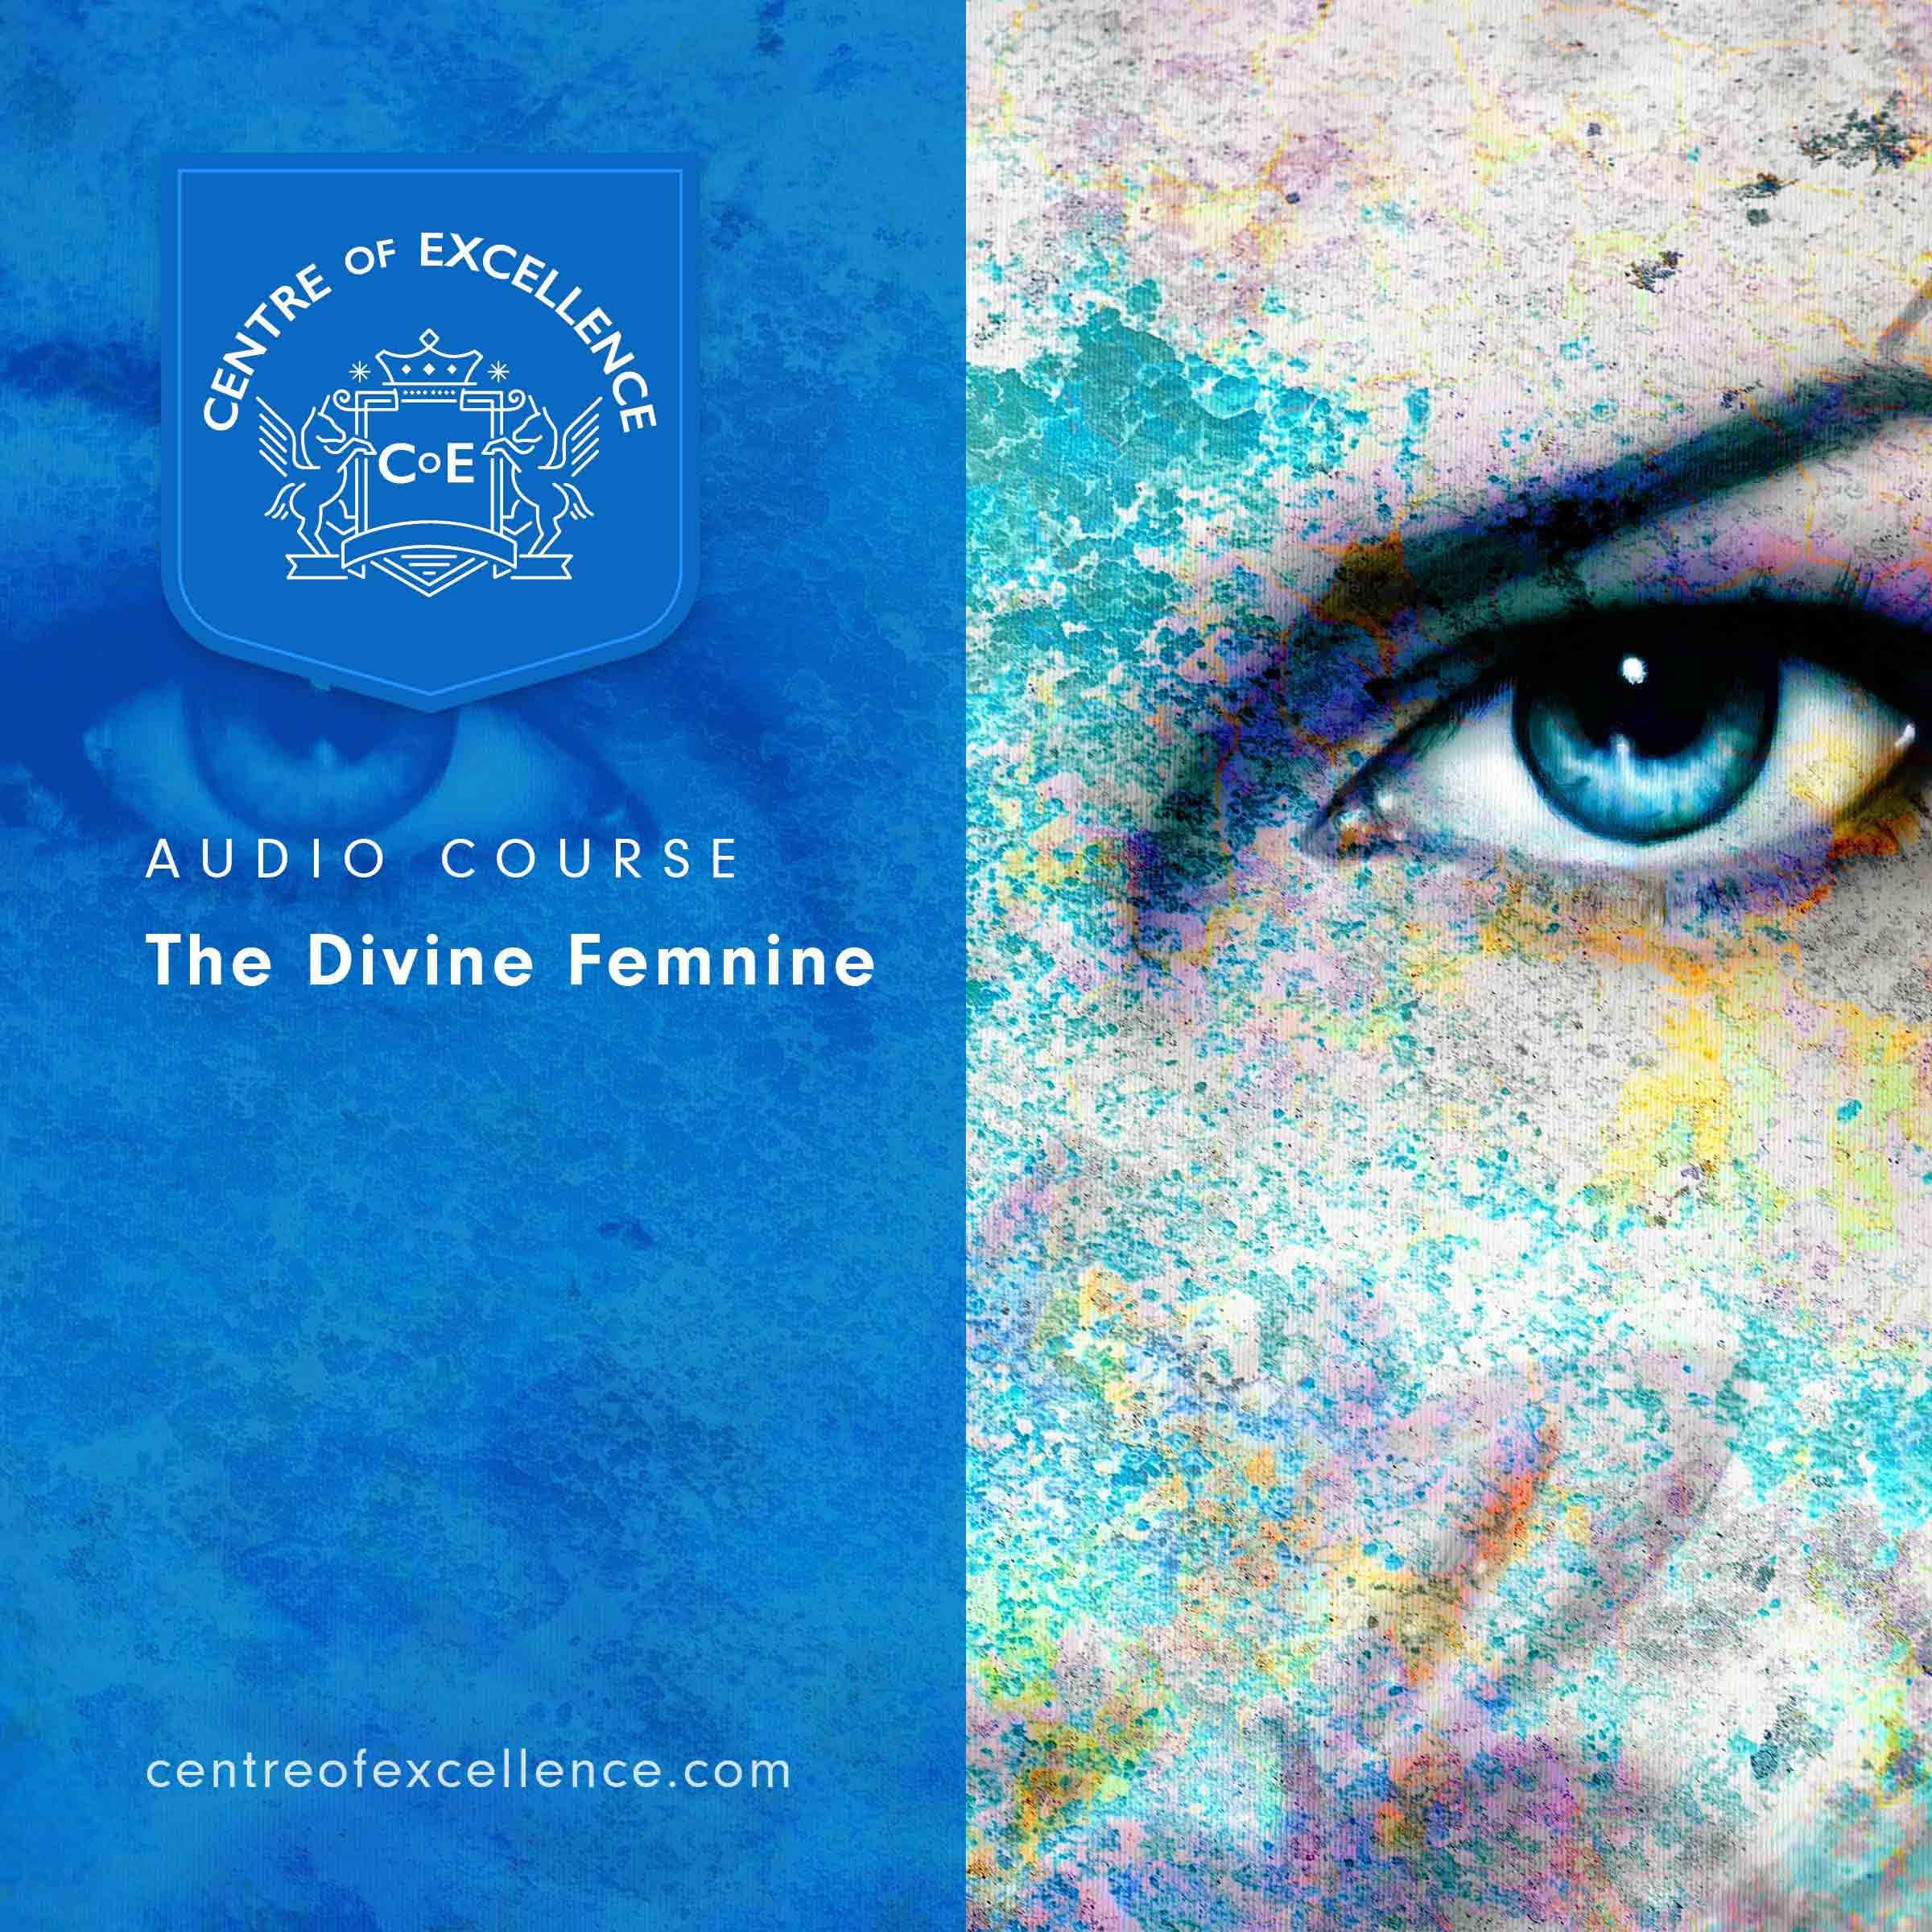 The Divine Feminine Audio Course